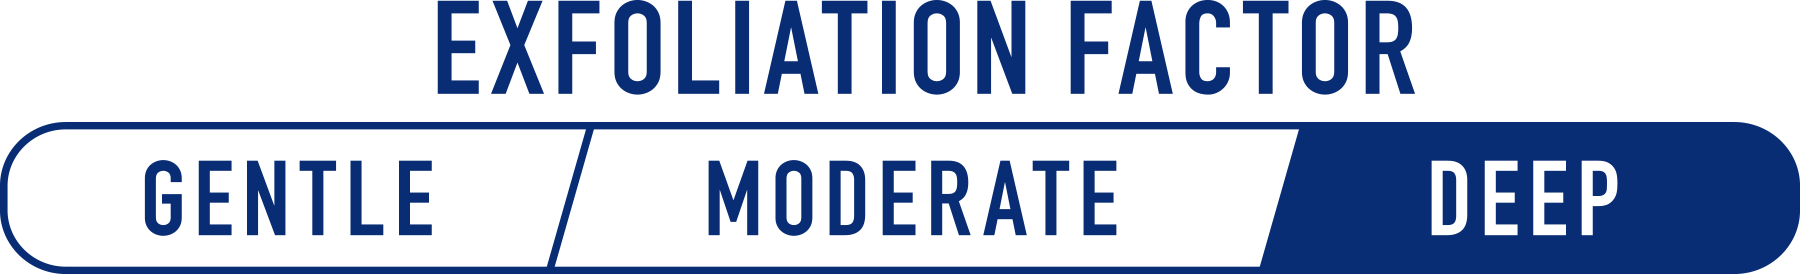 Exfoliation Factor Deep